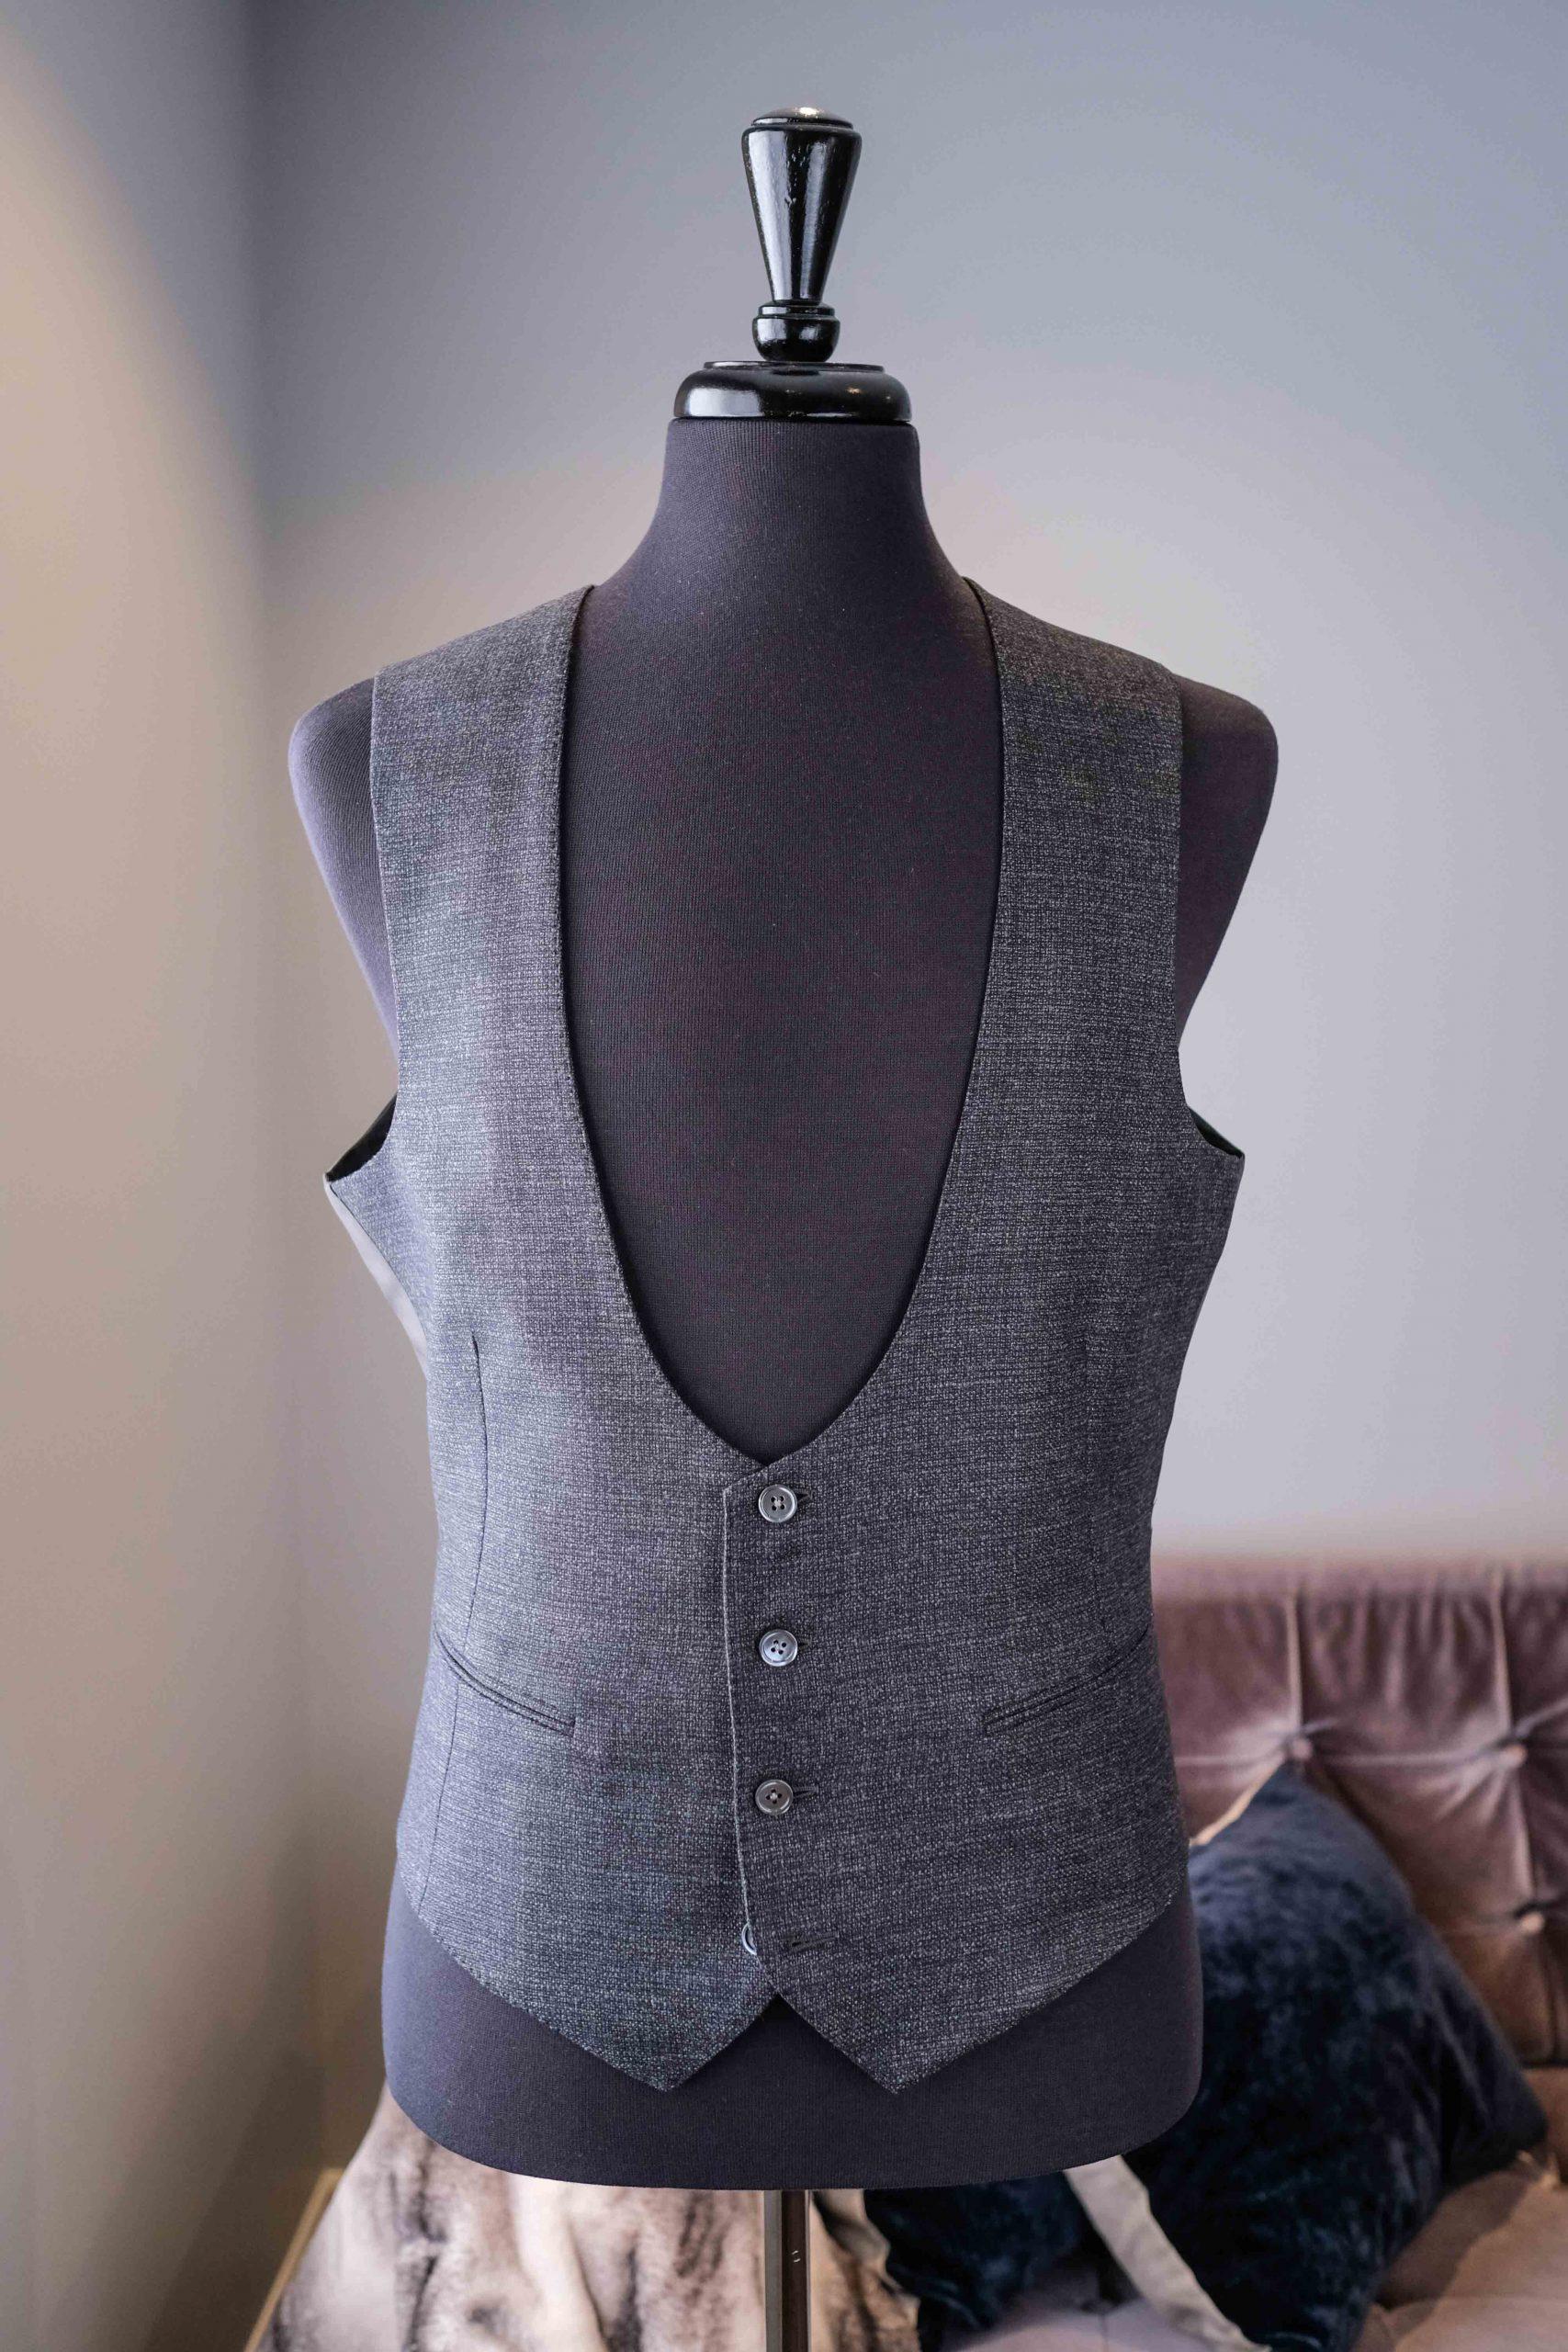 U-shaped Vest 4 button